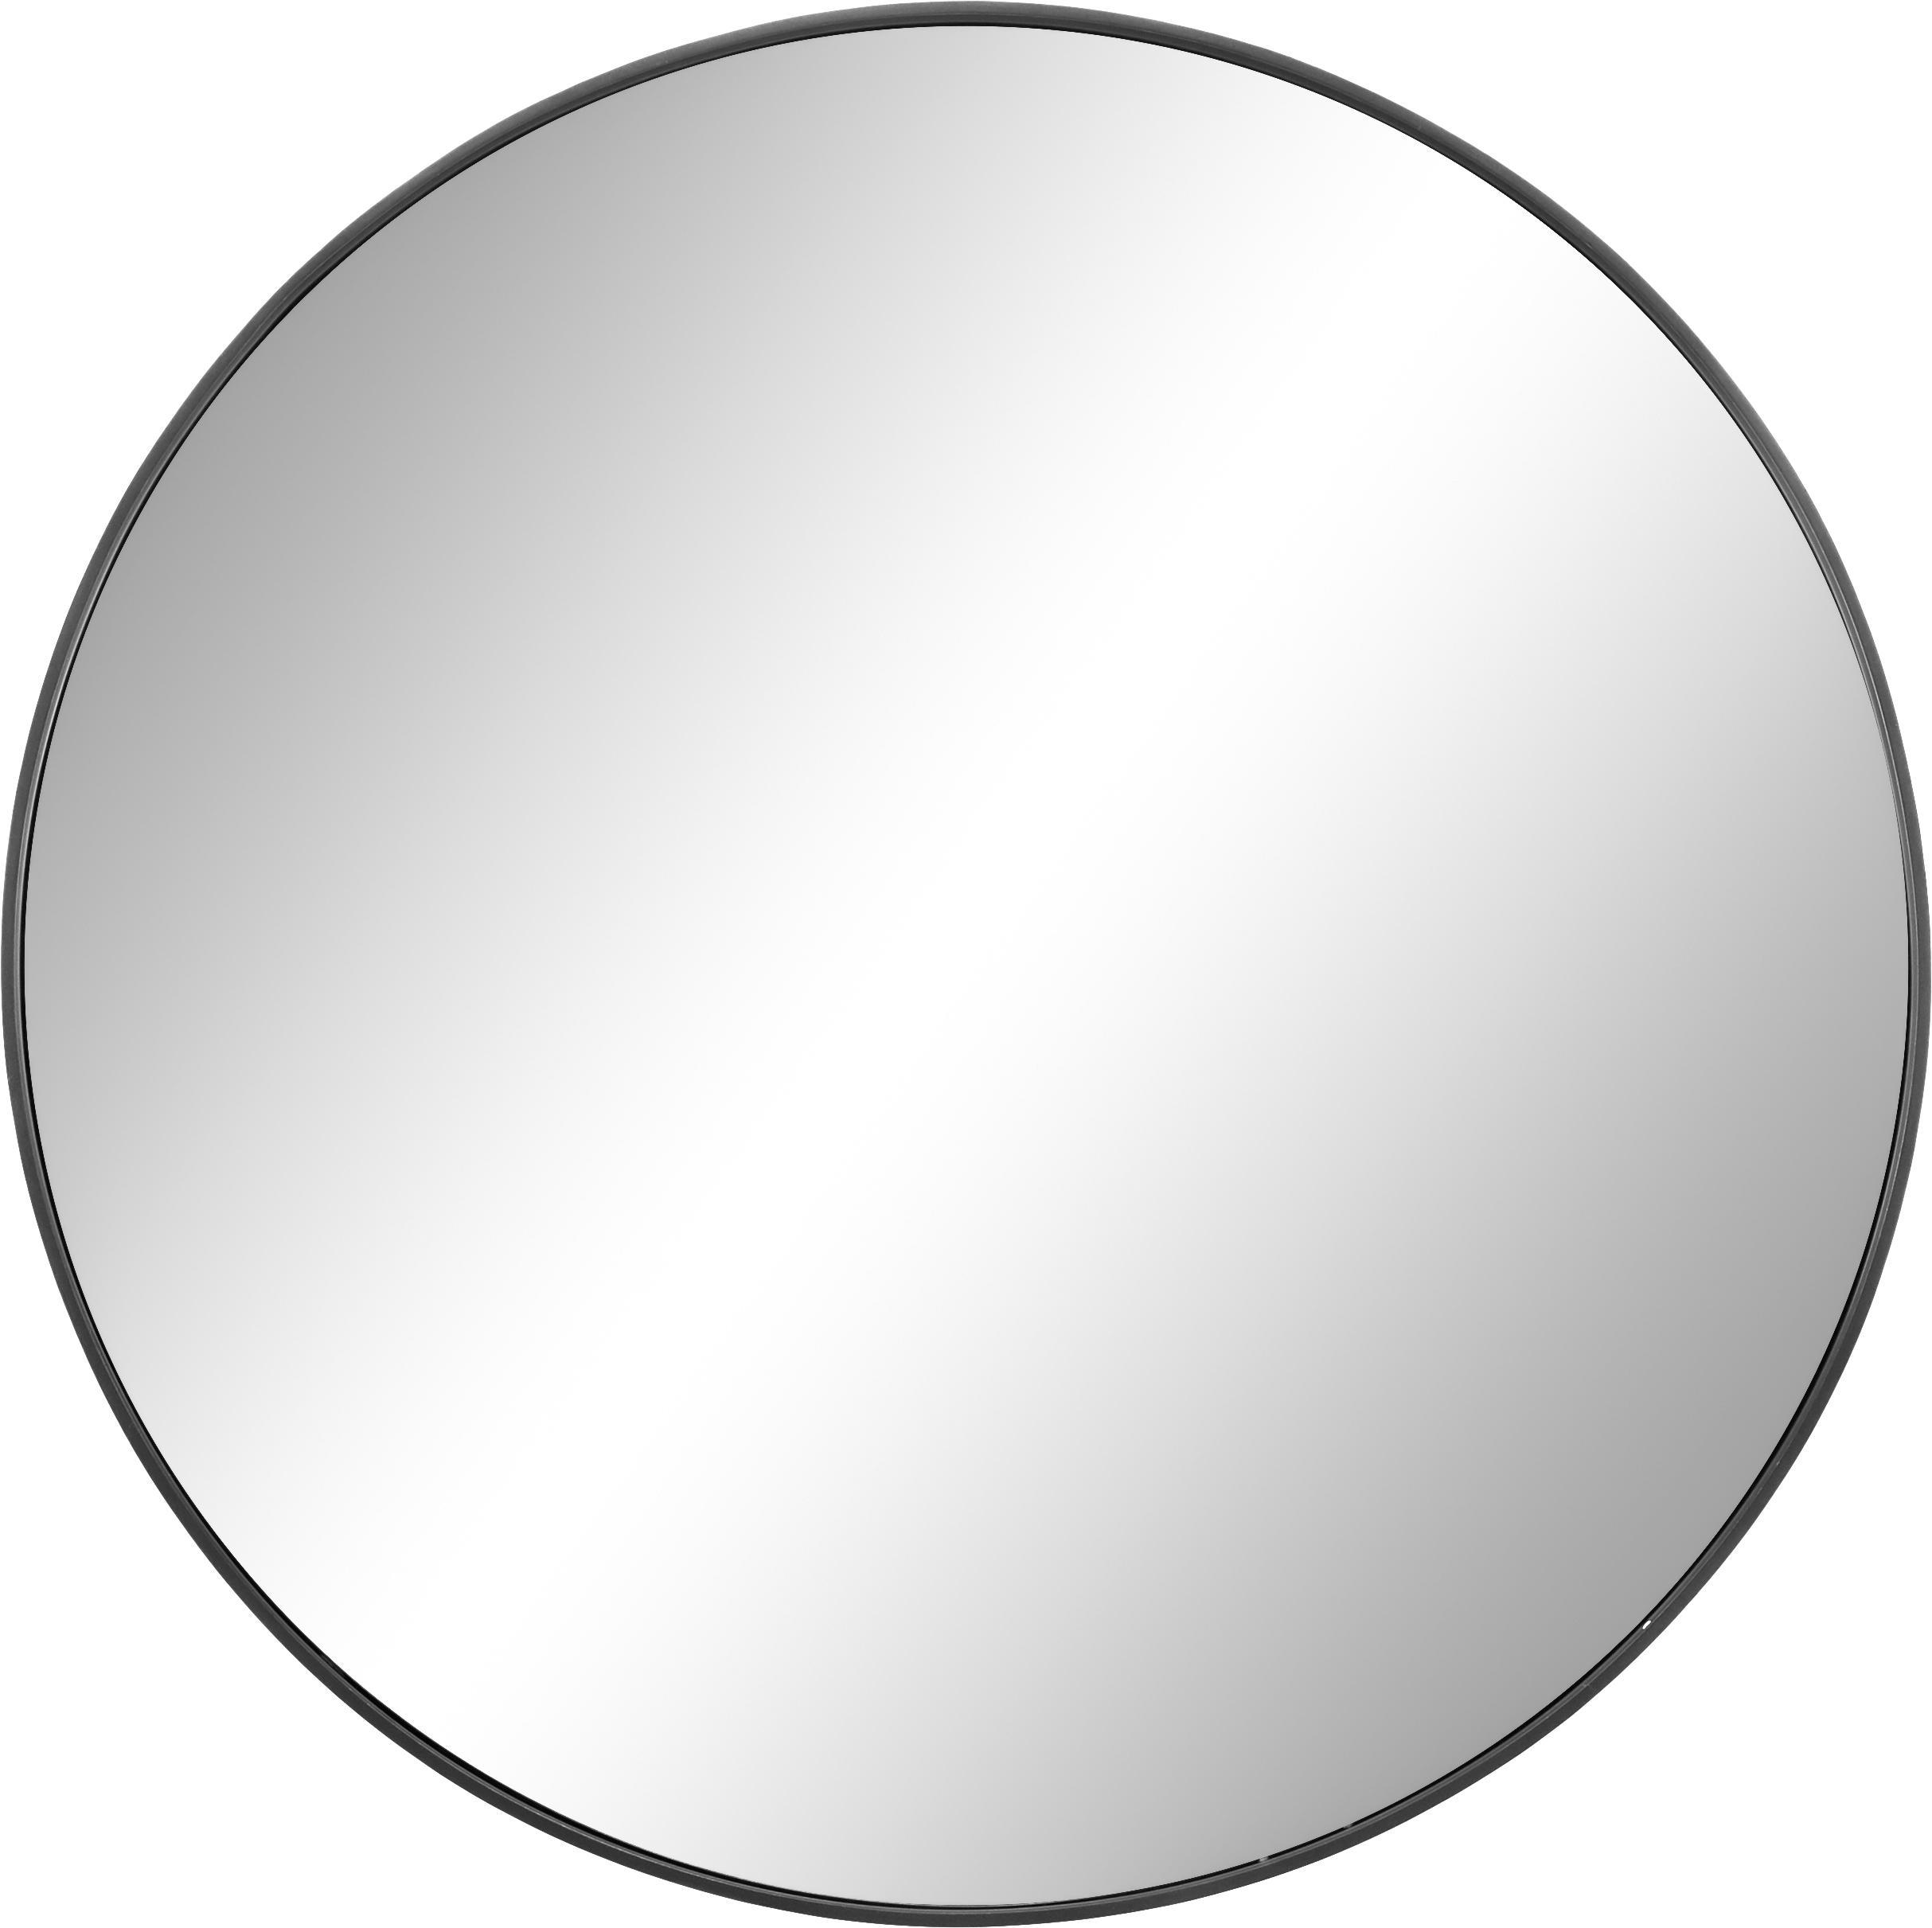 Espejo de pared redondo Ada con marco azul, Espejo: cristal, Parte trasera: fibra de densidad media, Gris oscuro, Ø 60 cm